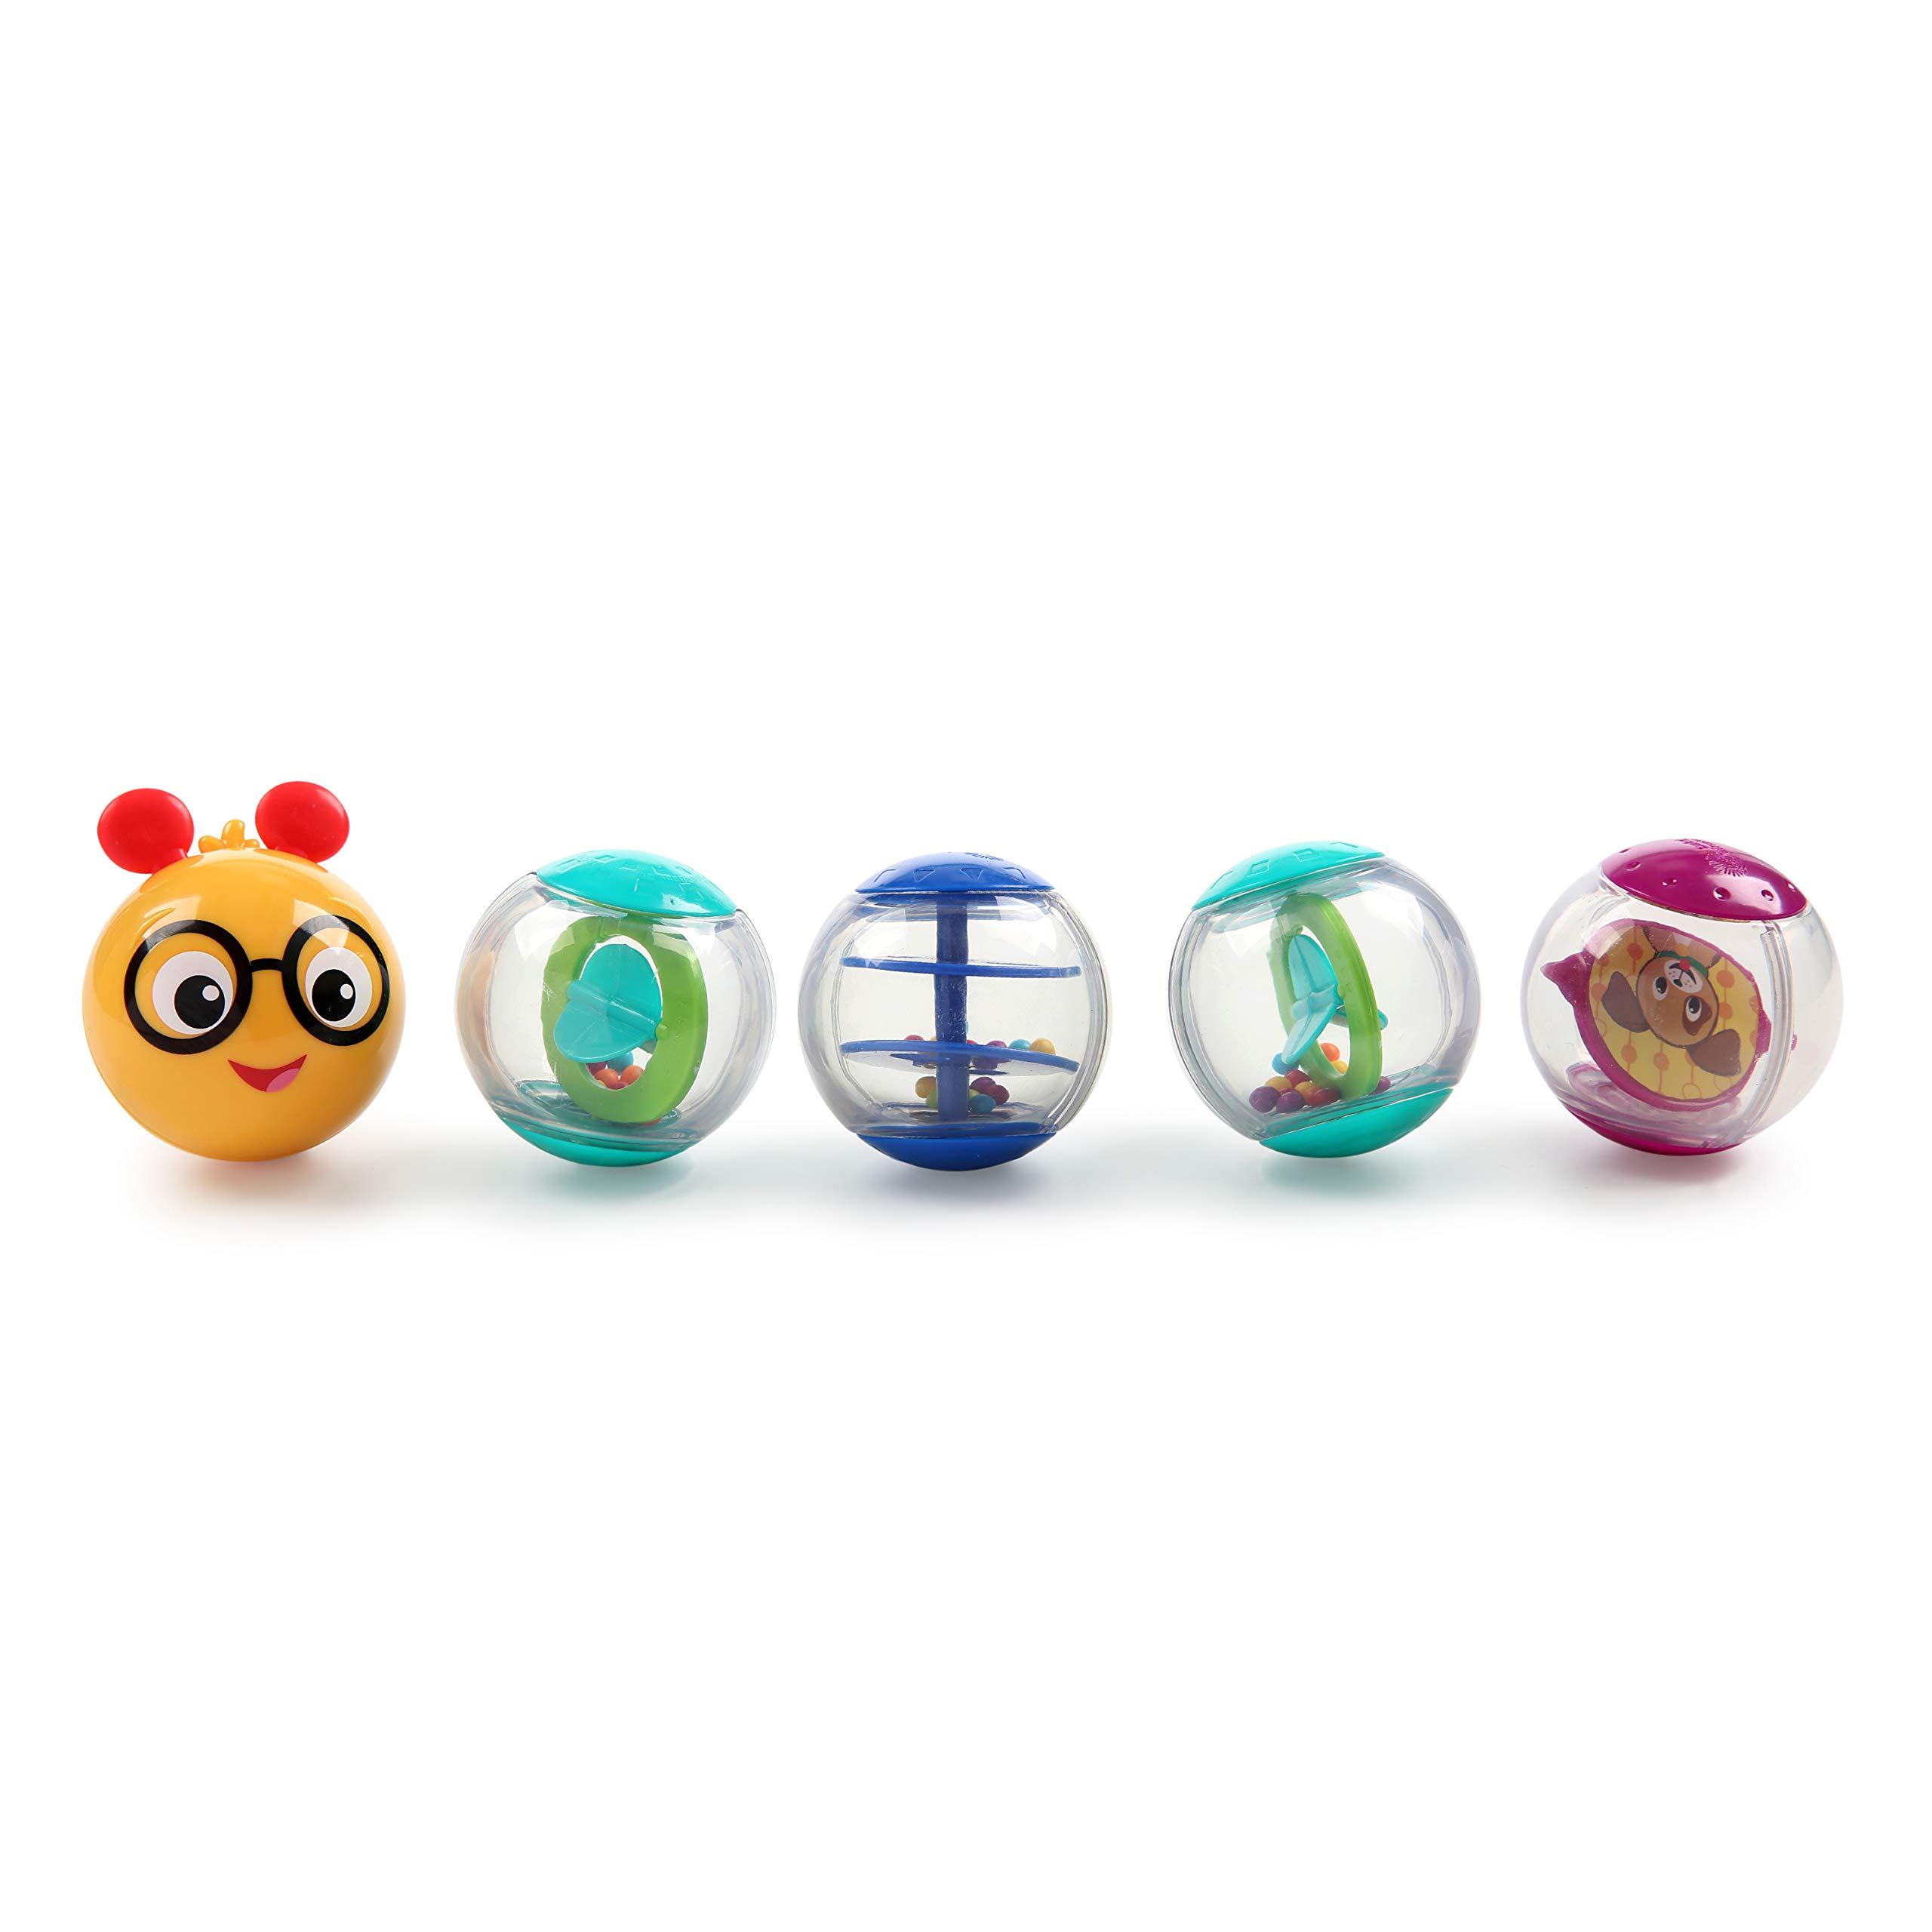 Roller-pillar Activity Balls Toy by Baby Einstein